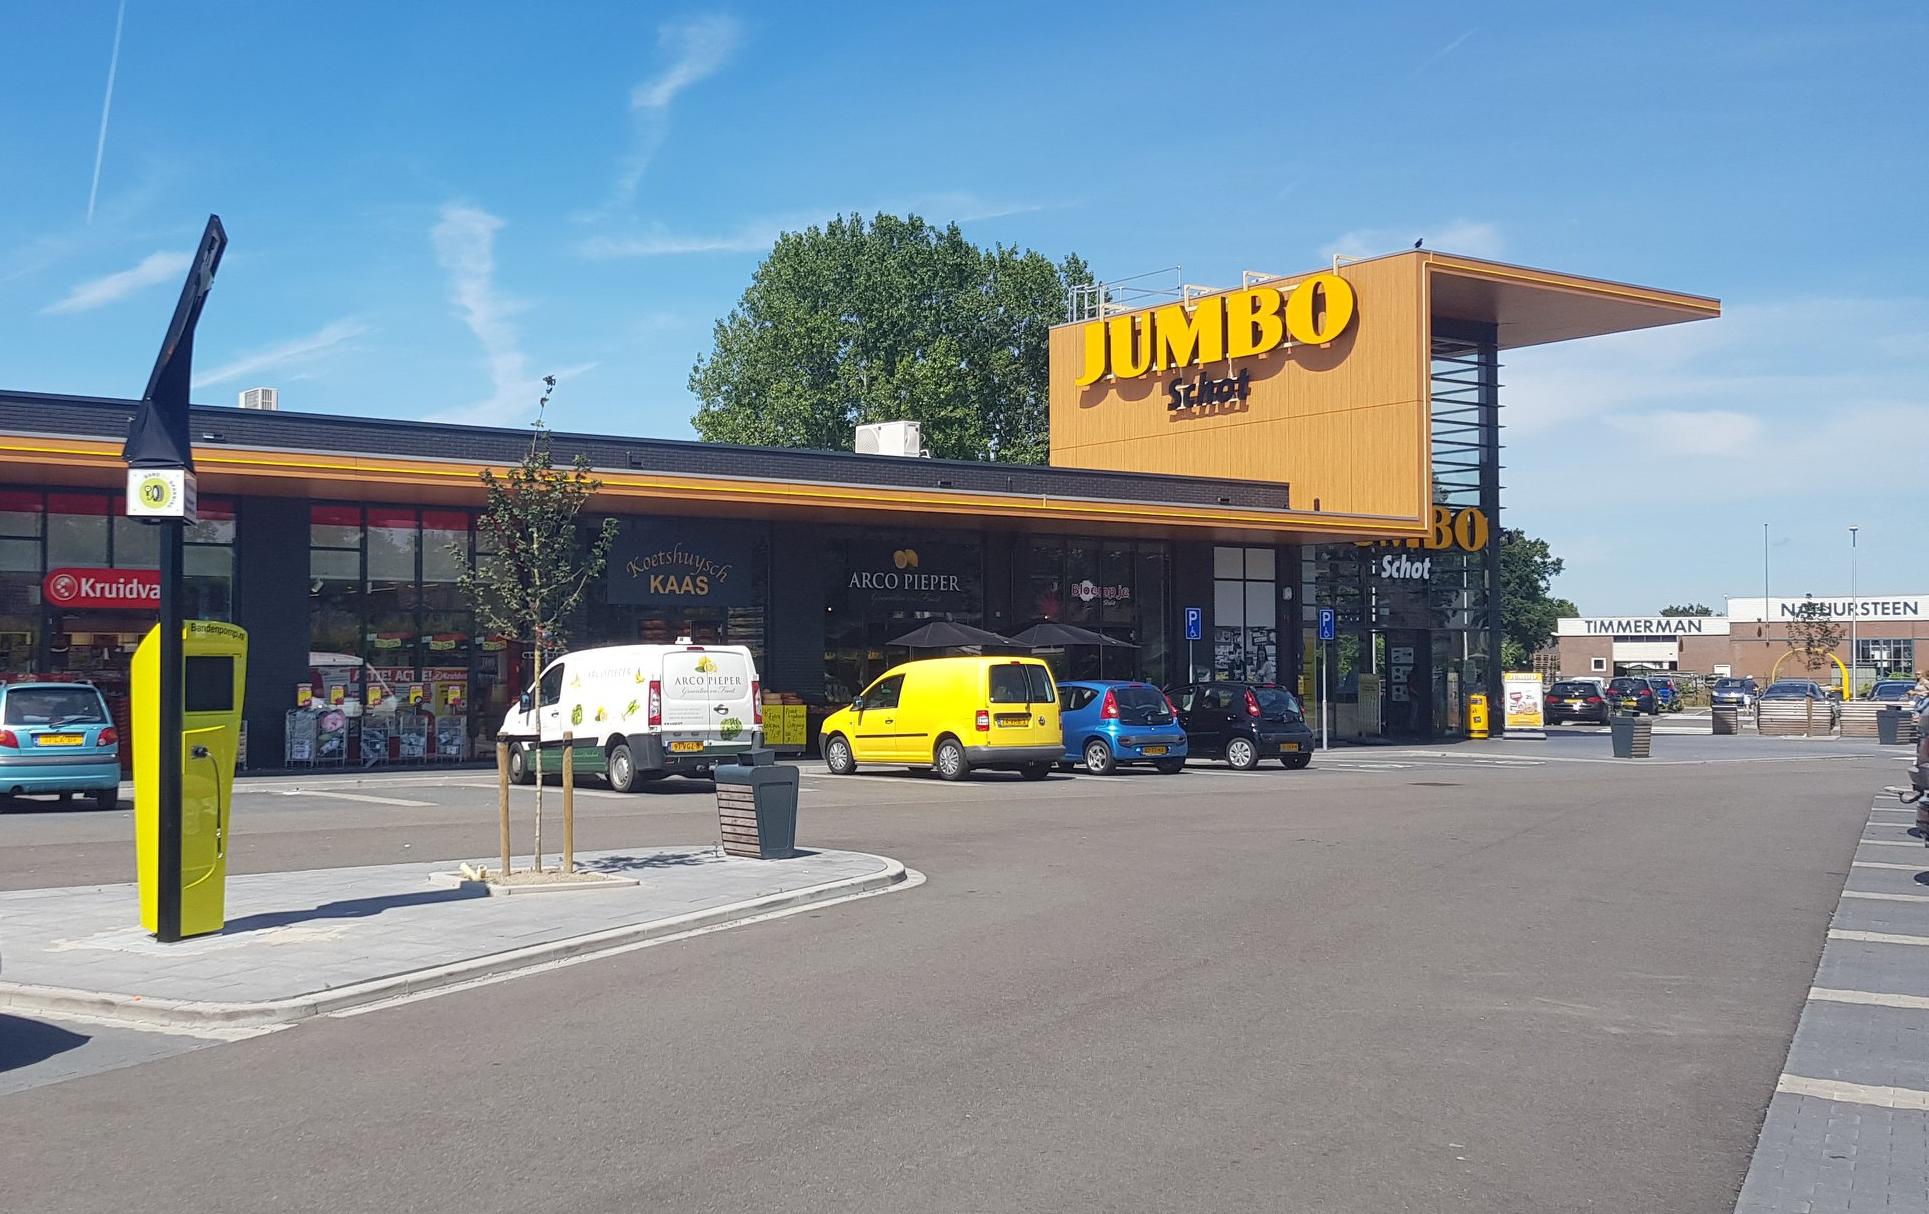 Jumbo Schot, Nieuwerkerk